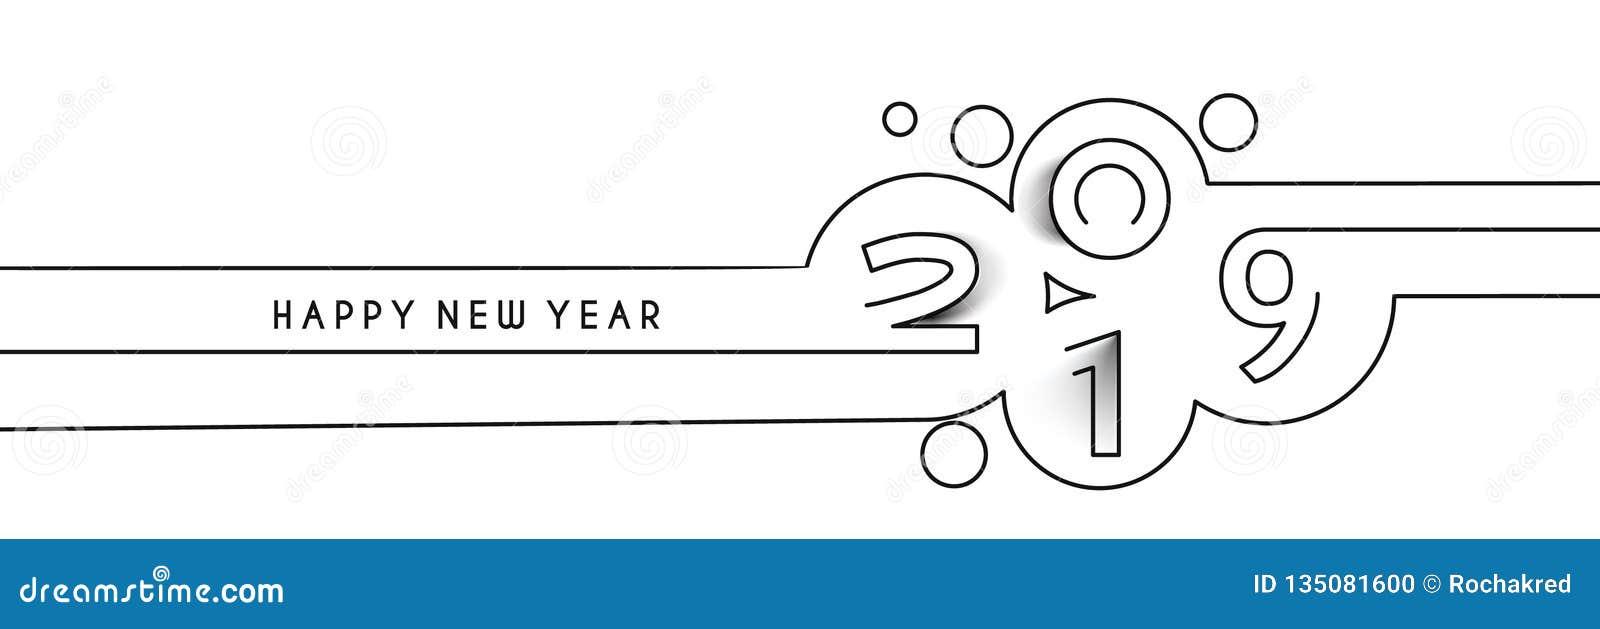 Linje textdesign för lyckligt nytt år 2019